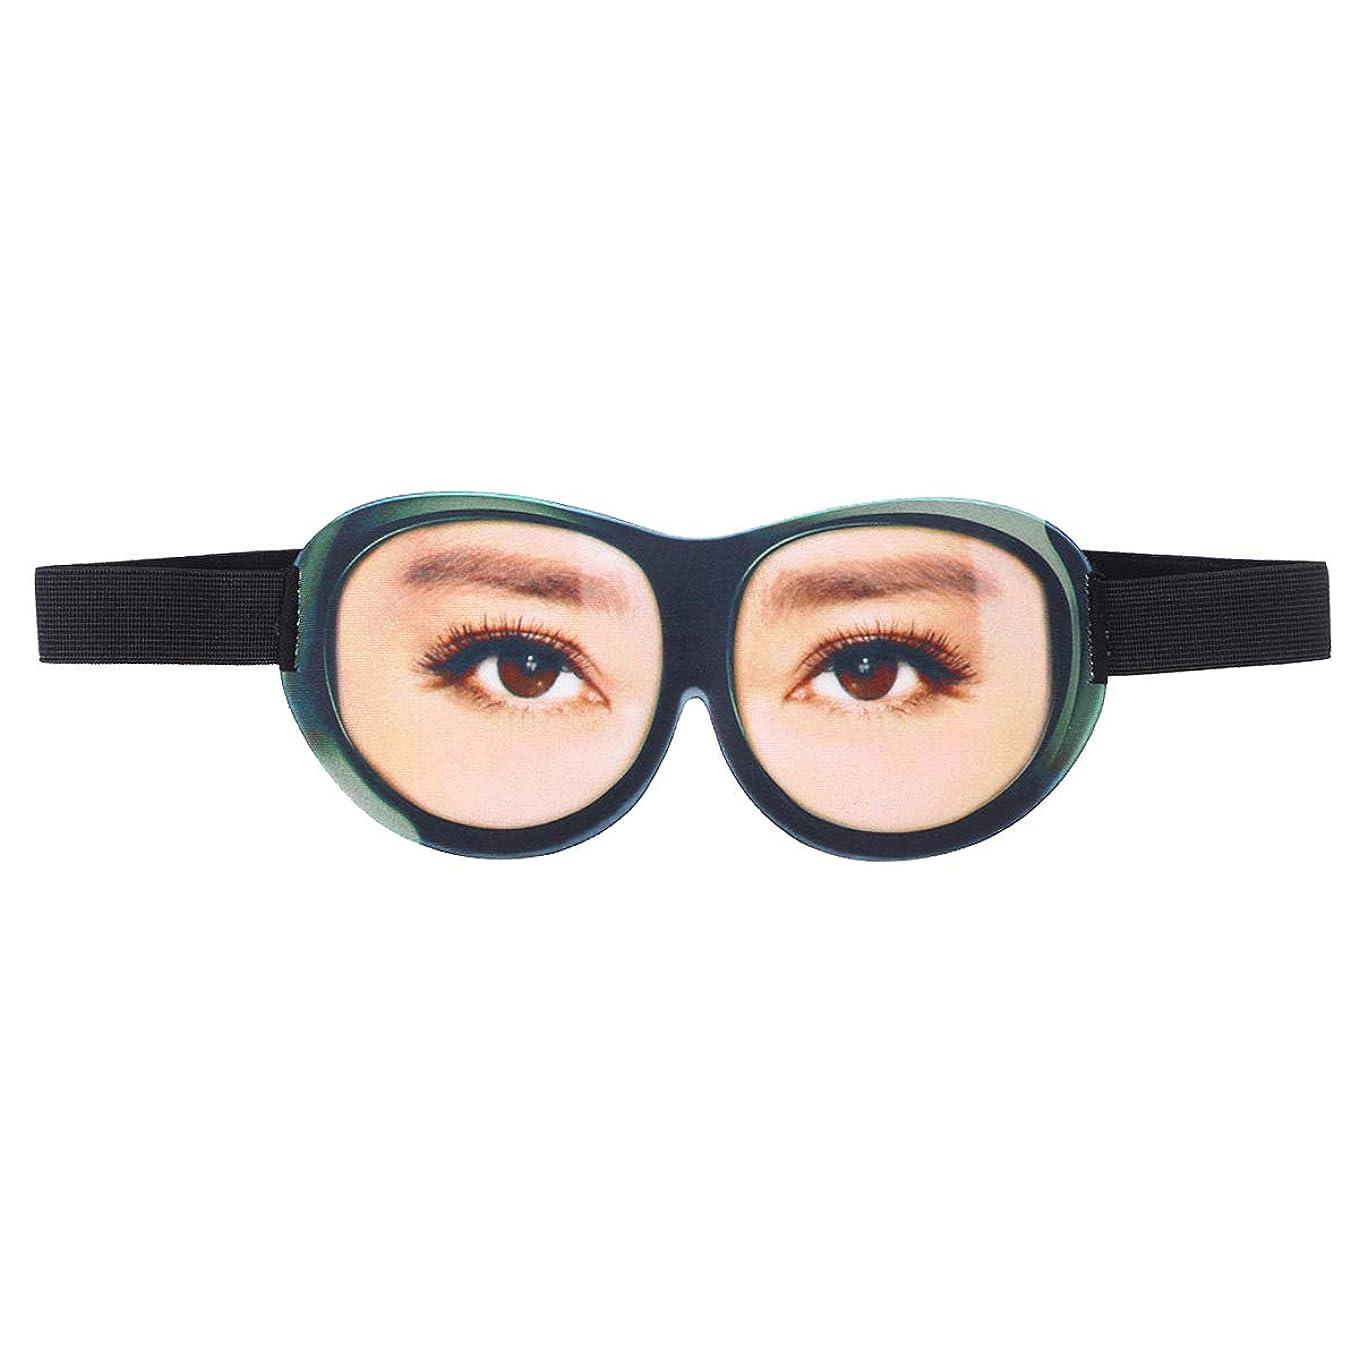 サミュエル粗い永遠にHealifty 睡眠目隠し3D面白いアイシェード通気性睡眠マスク旅行睡眠ヘルパーアイシェード用男性と女性